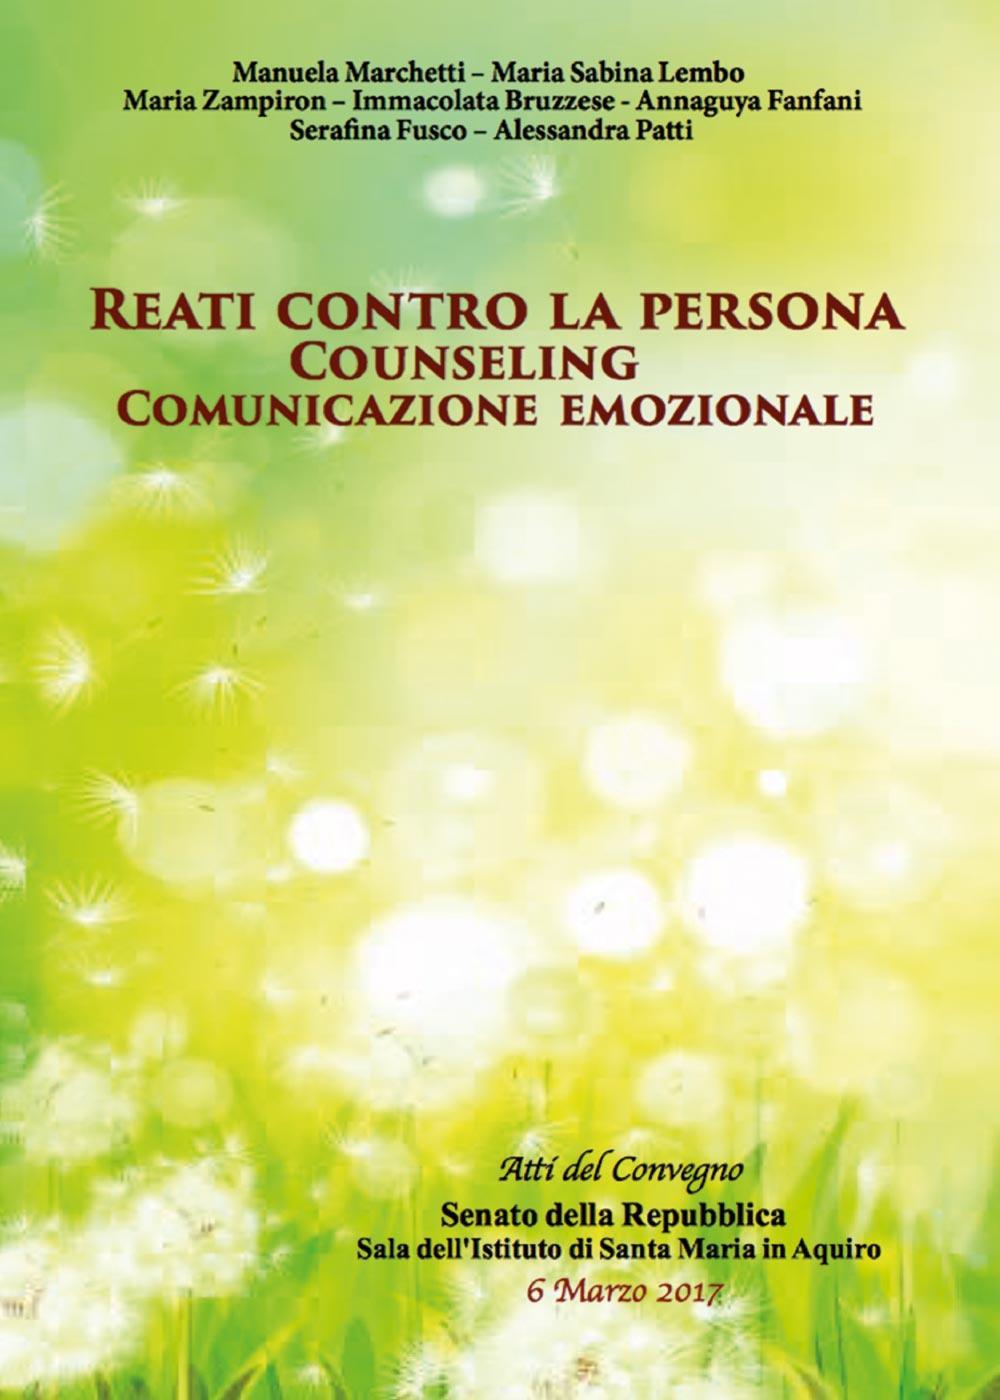 Reati contro la persona. Consueling e comunicazione emozionale